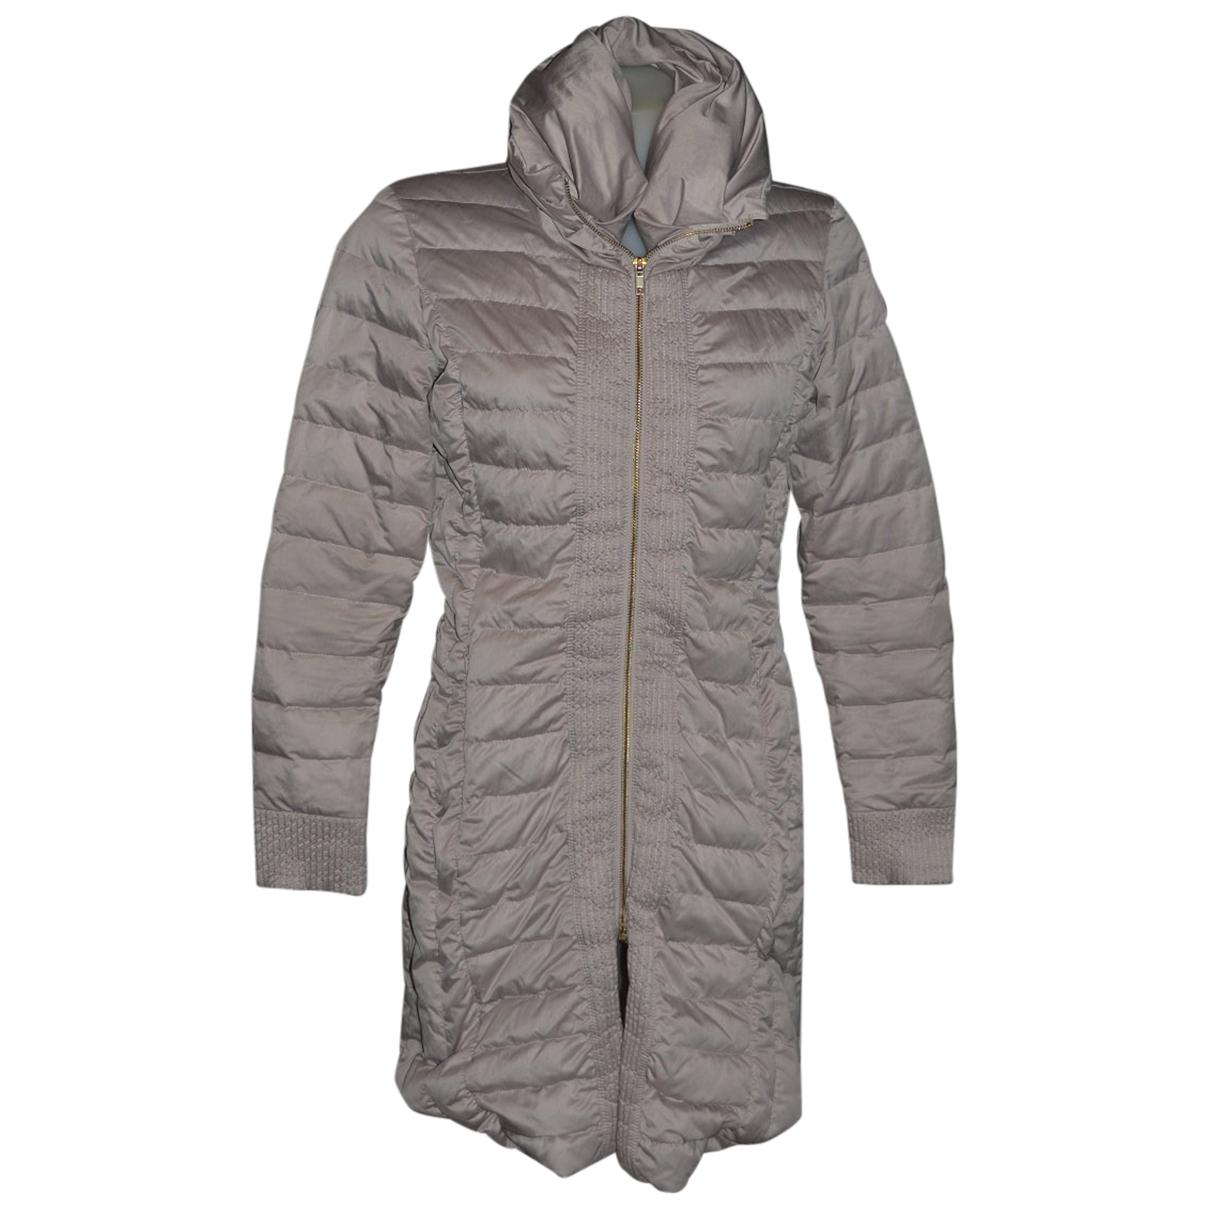 Max & Co \N Beige coat for Women 38 IT